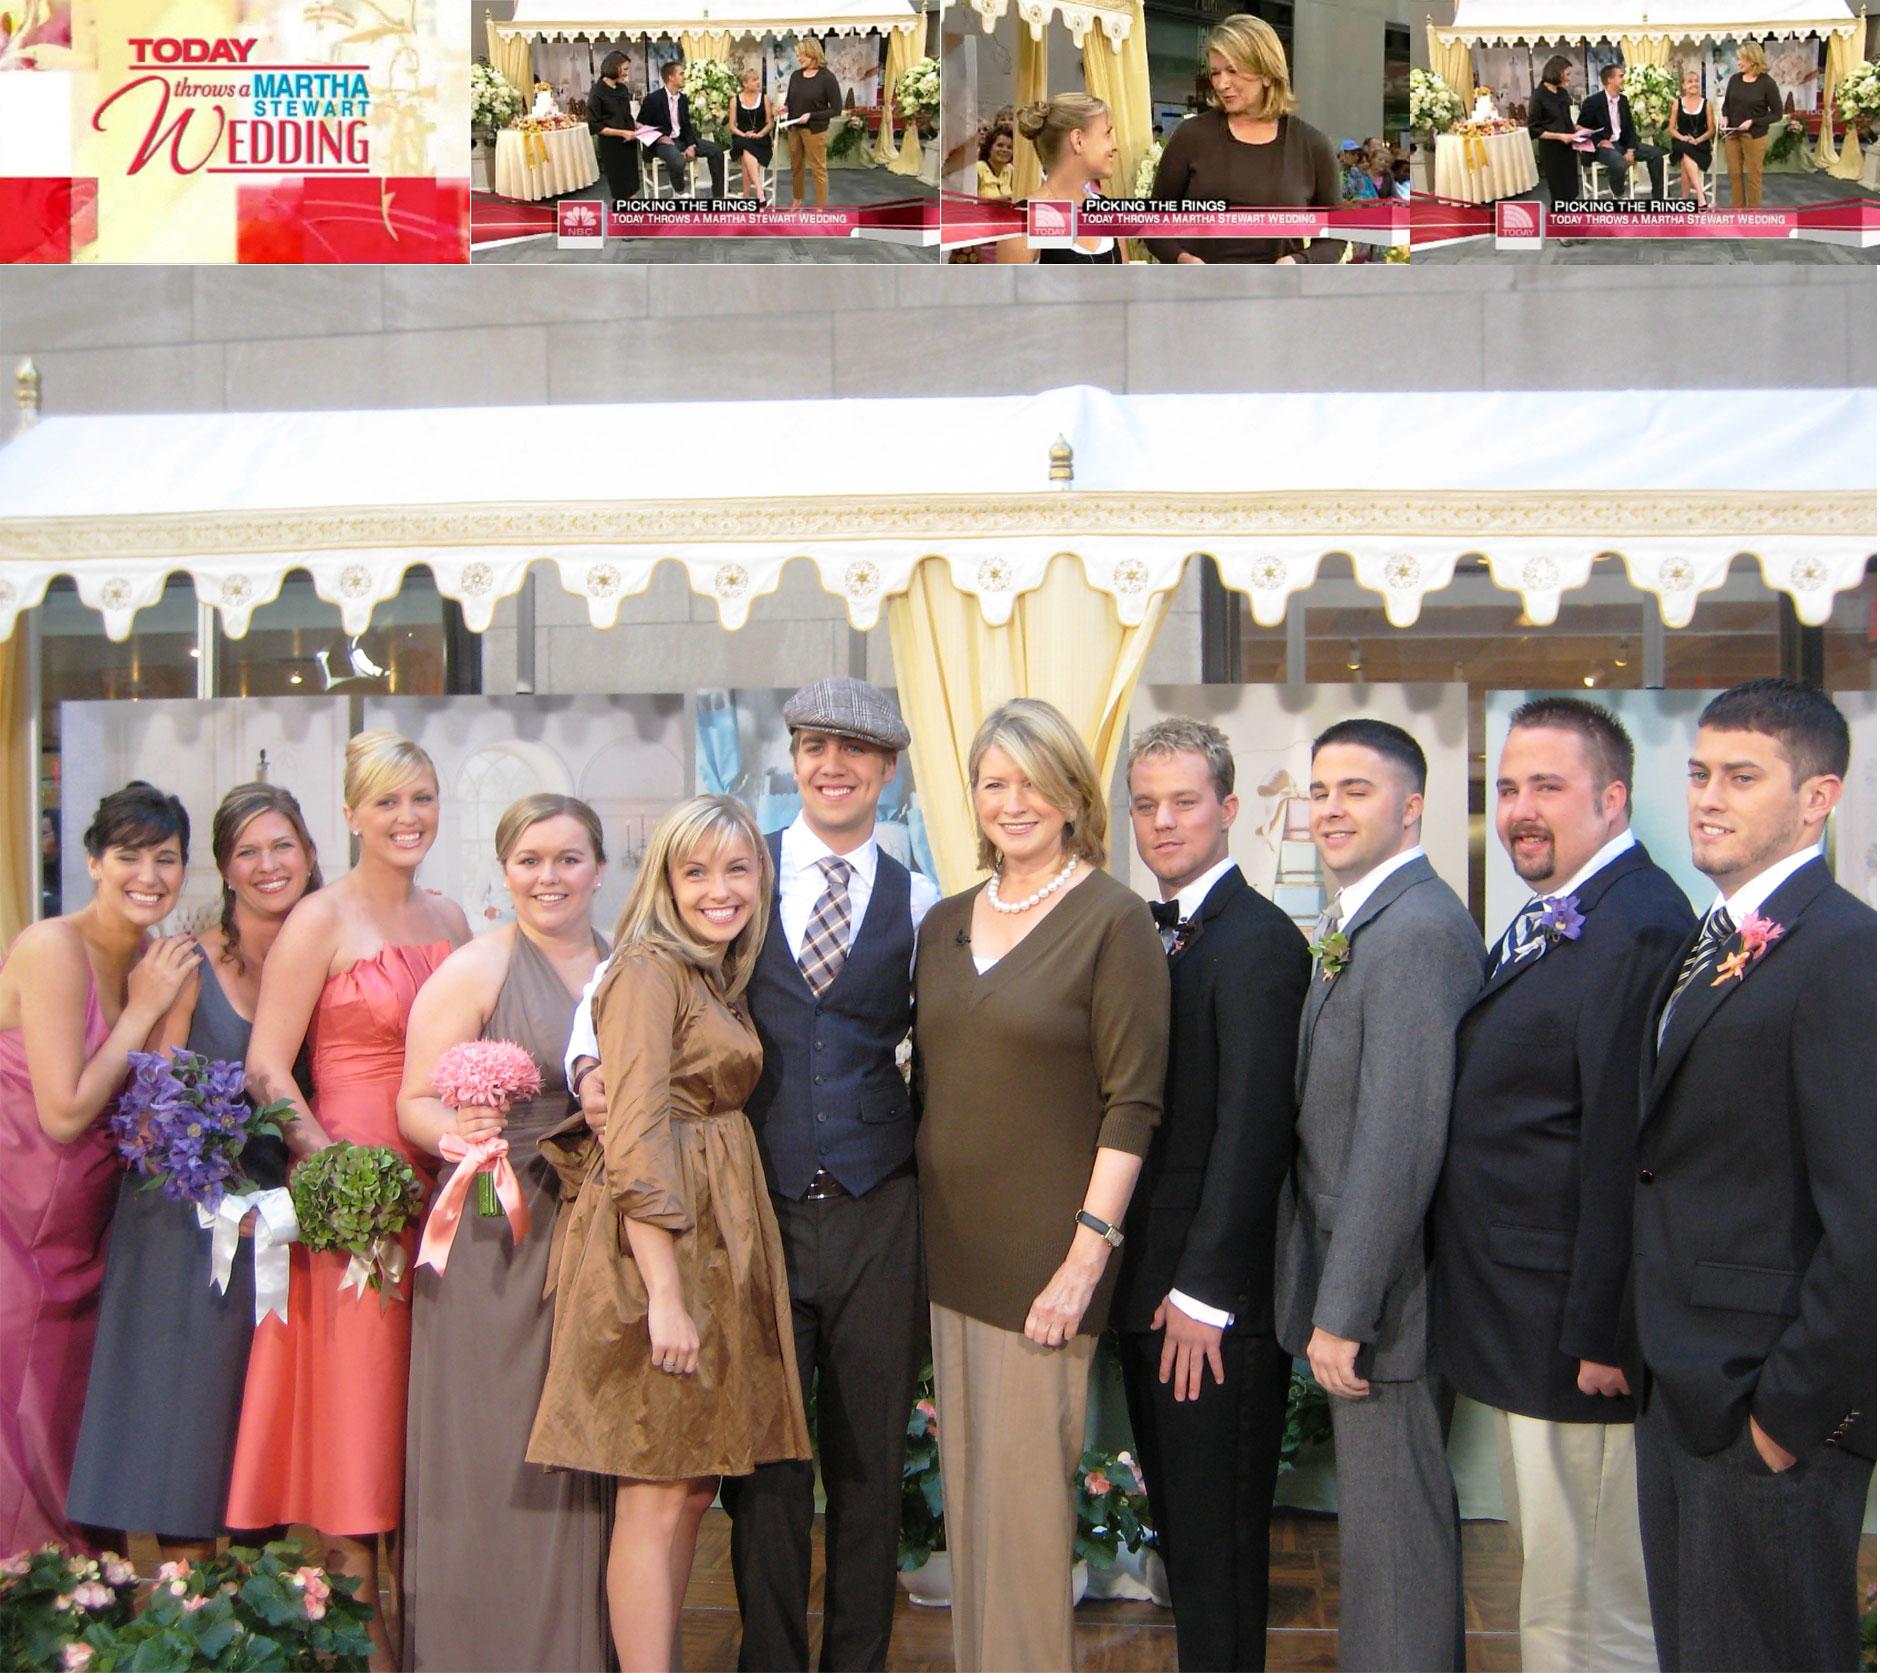 raj-tents-martha-stewart-throws-wedding-2008.jpg